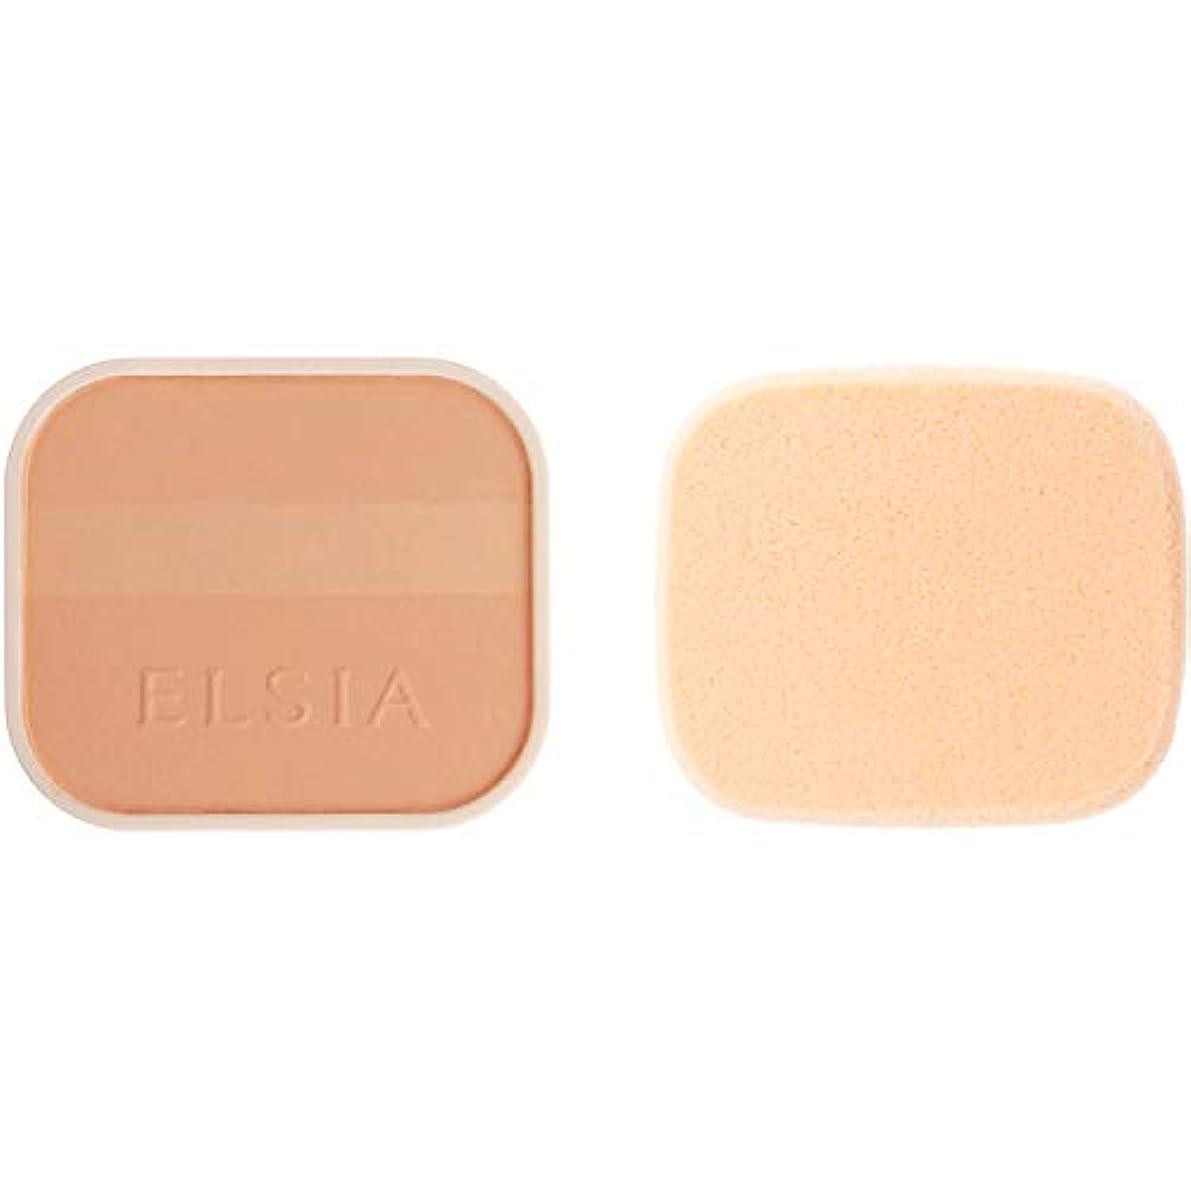 二十透けて見える熟達エルシア プラチナム 明るさアップ ファンデーション(レフィル) ピンクオークル 205 10g